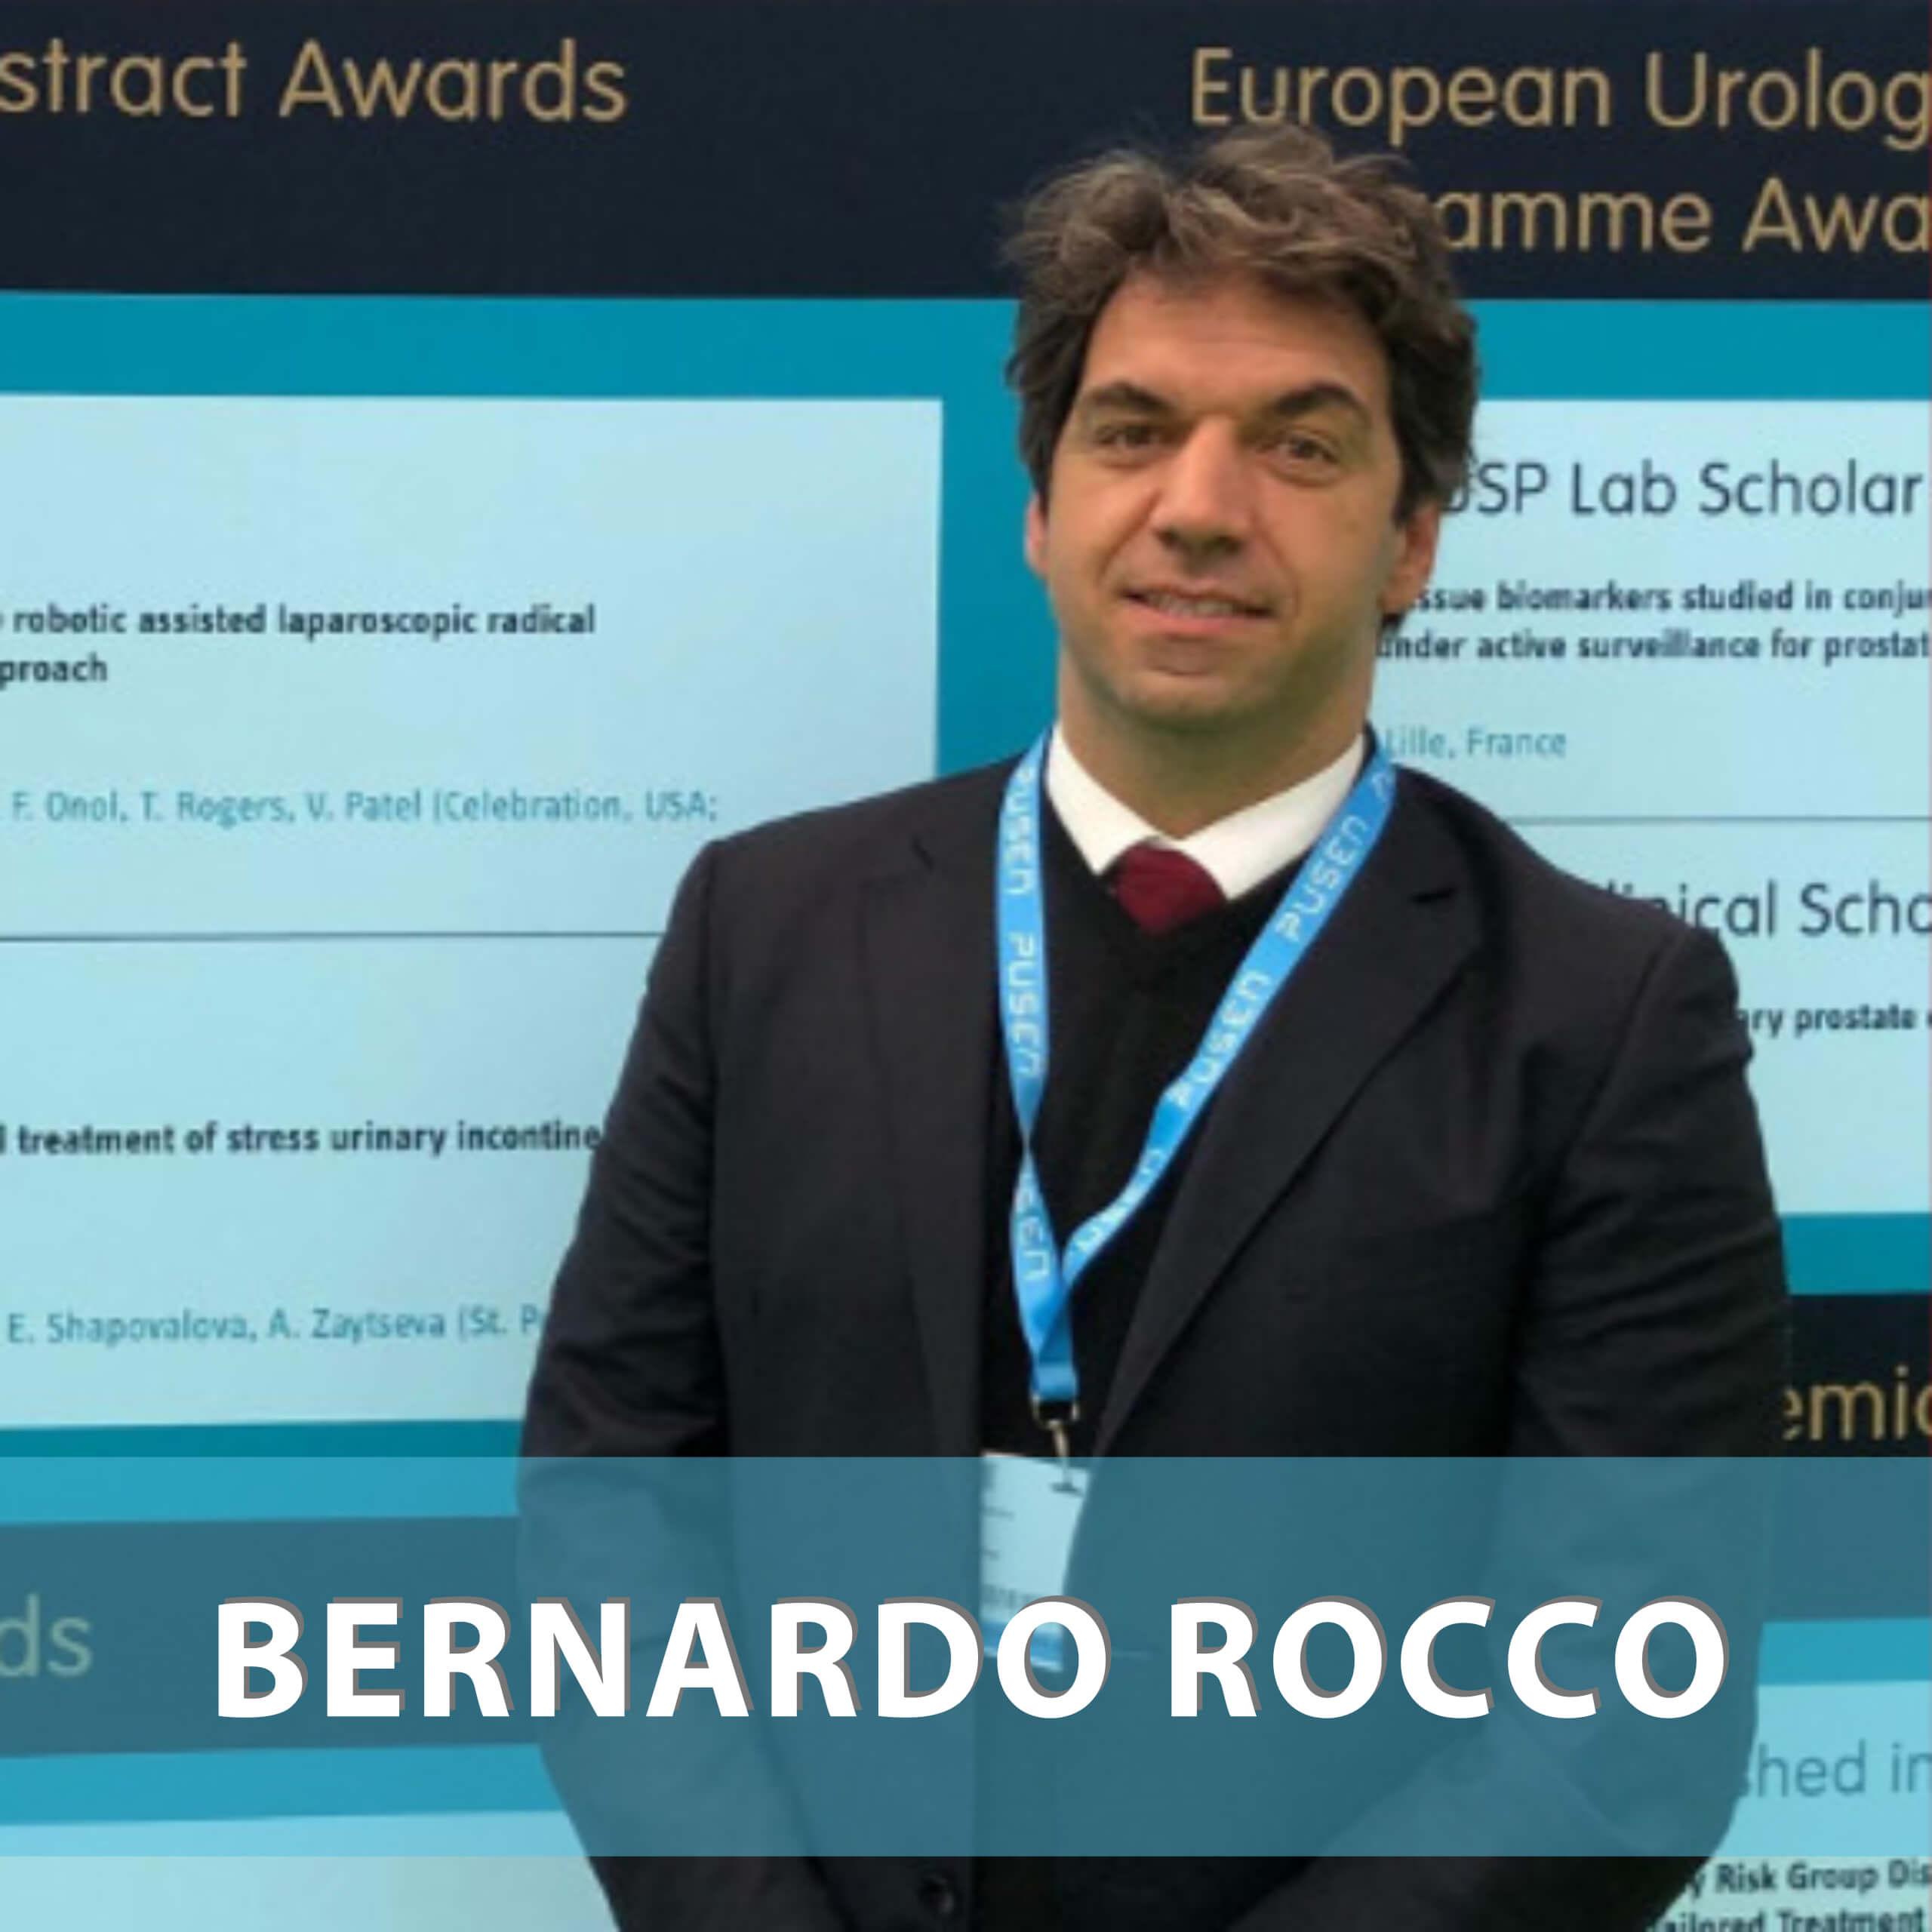 Bernardo Rocco